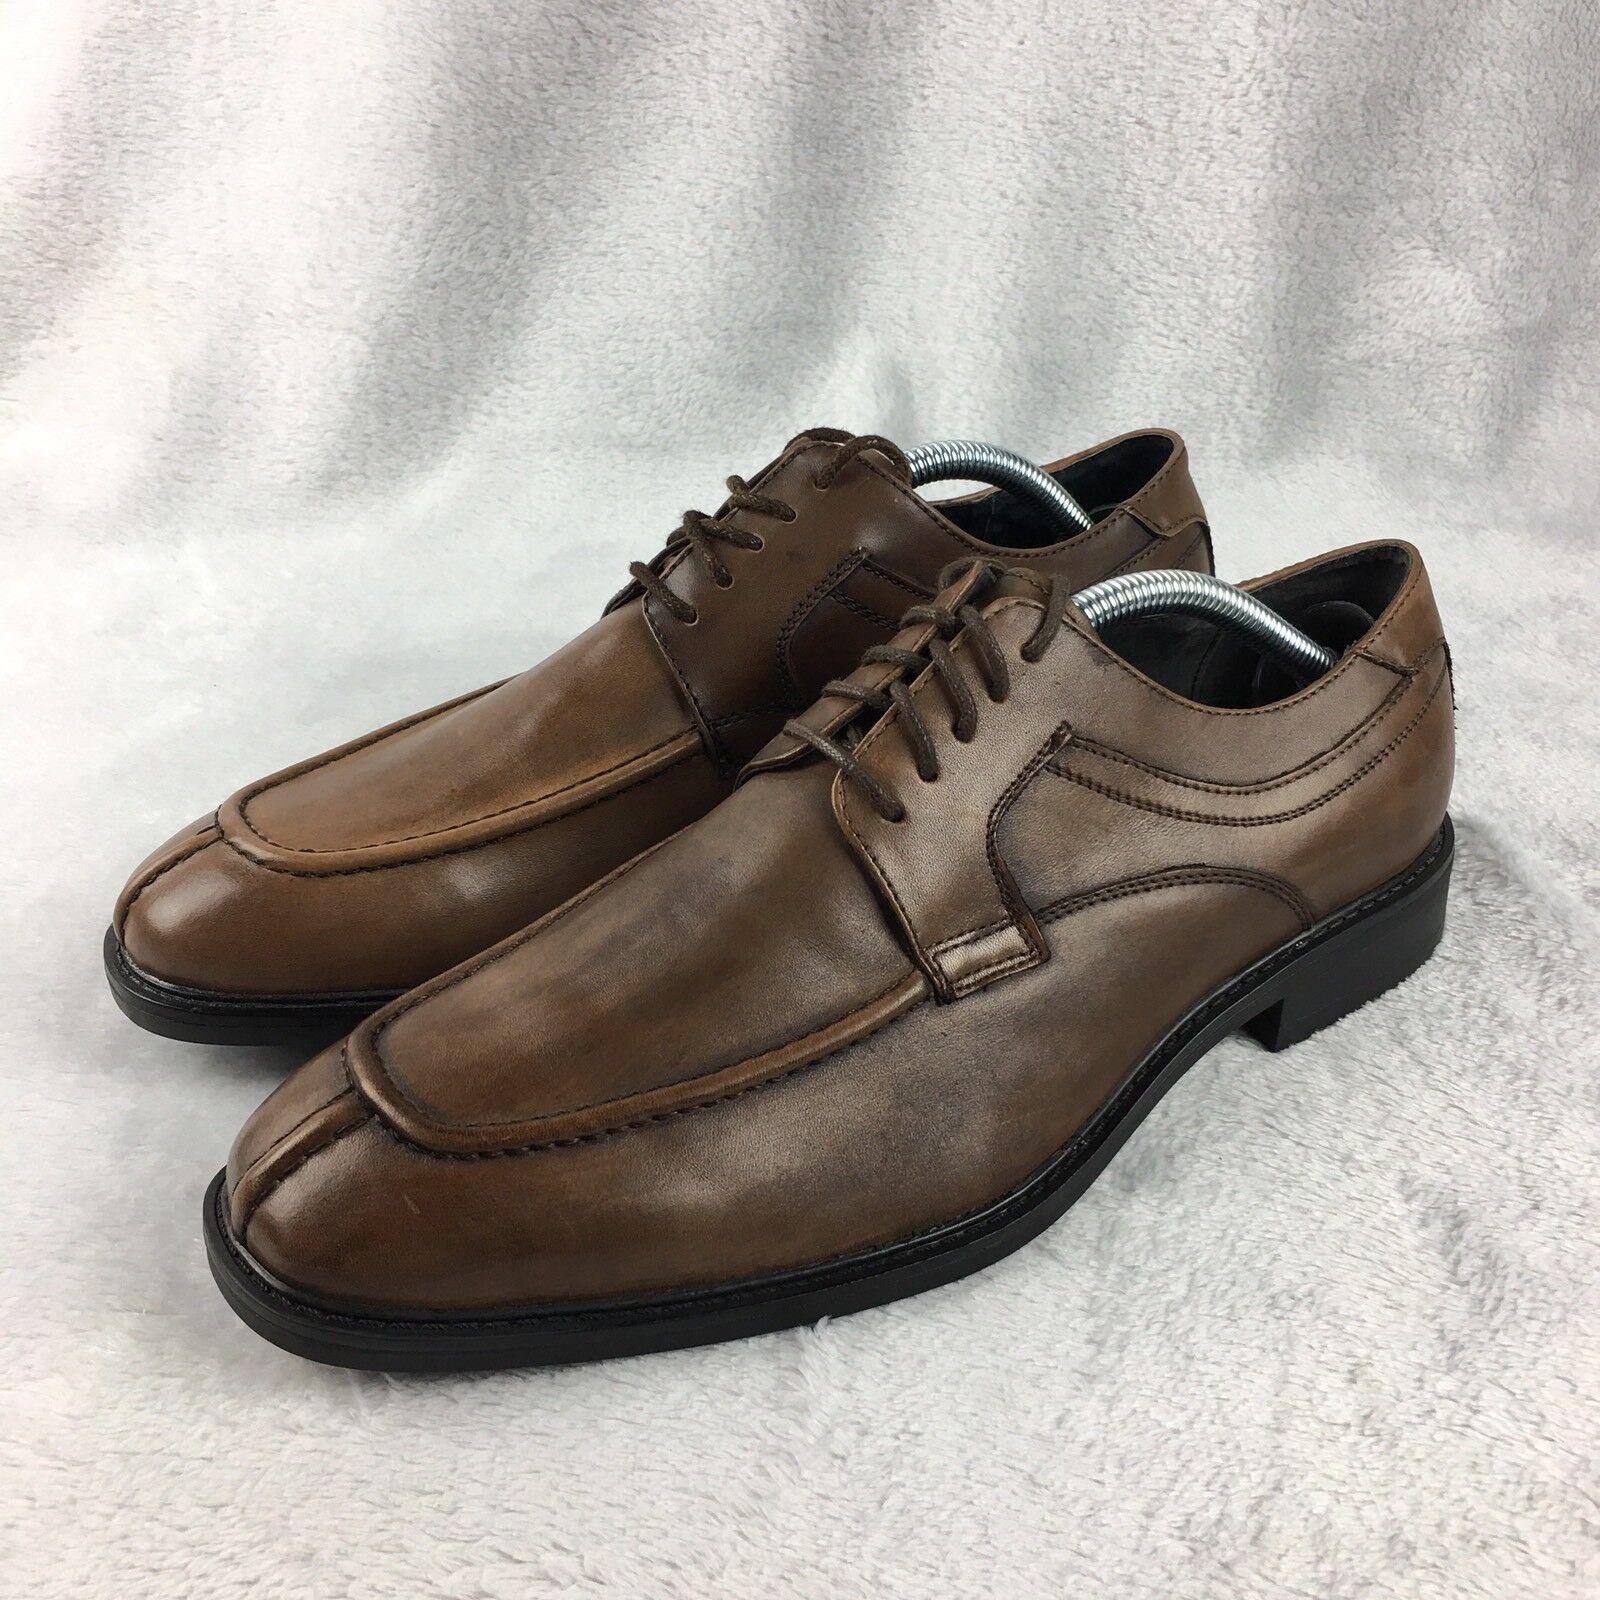 Joseph Abboud Merrick Dress Shoes Cognac Oxford Lace Up Uomo Size 9 Retail  109